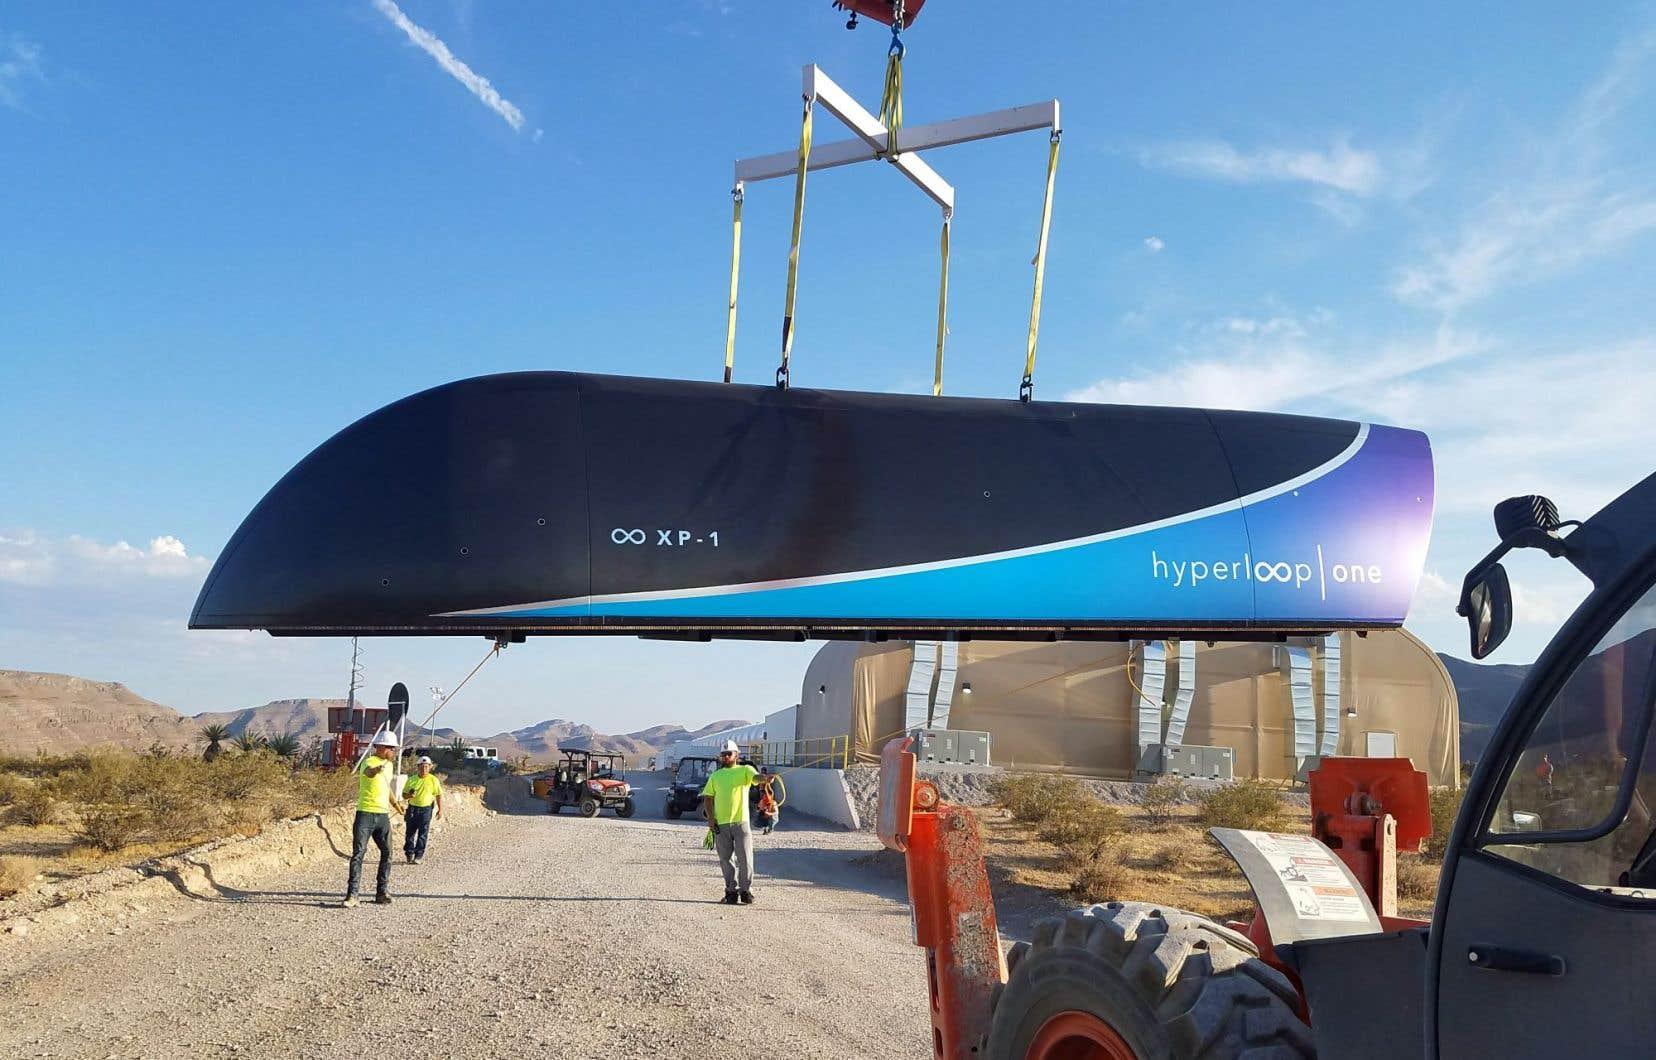 Lhyperloop un rêve ou une réalité? le devoir